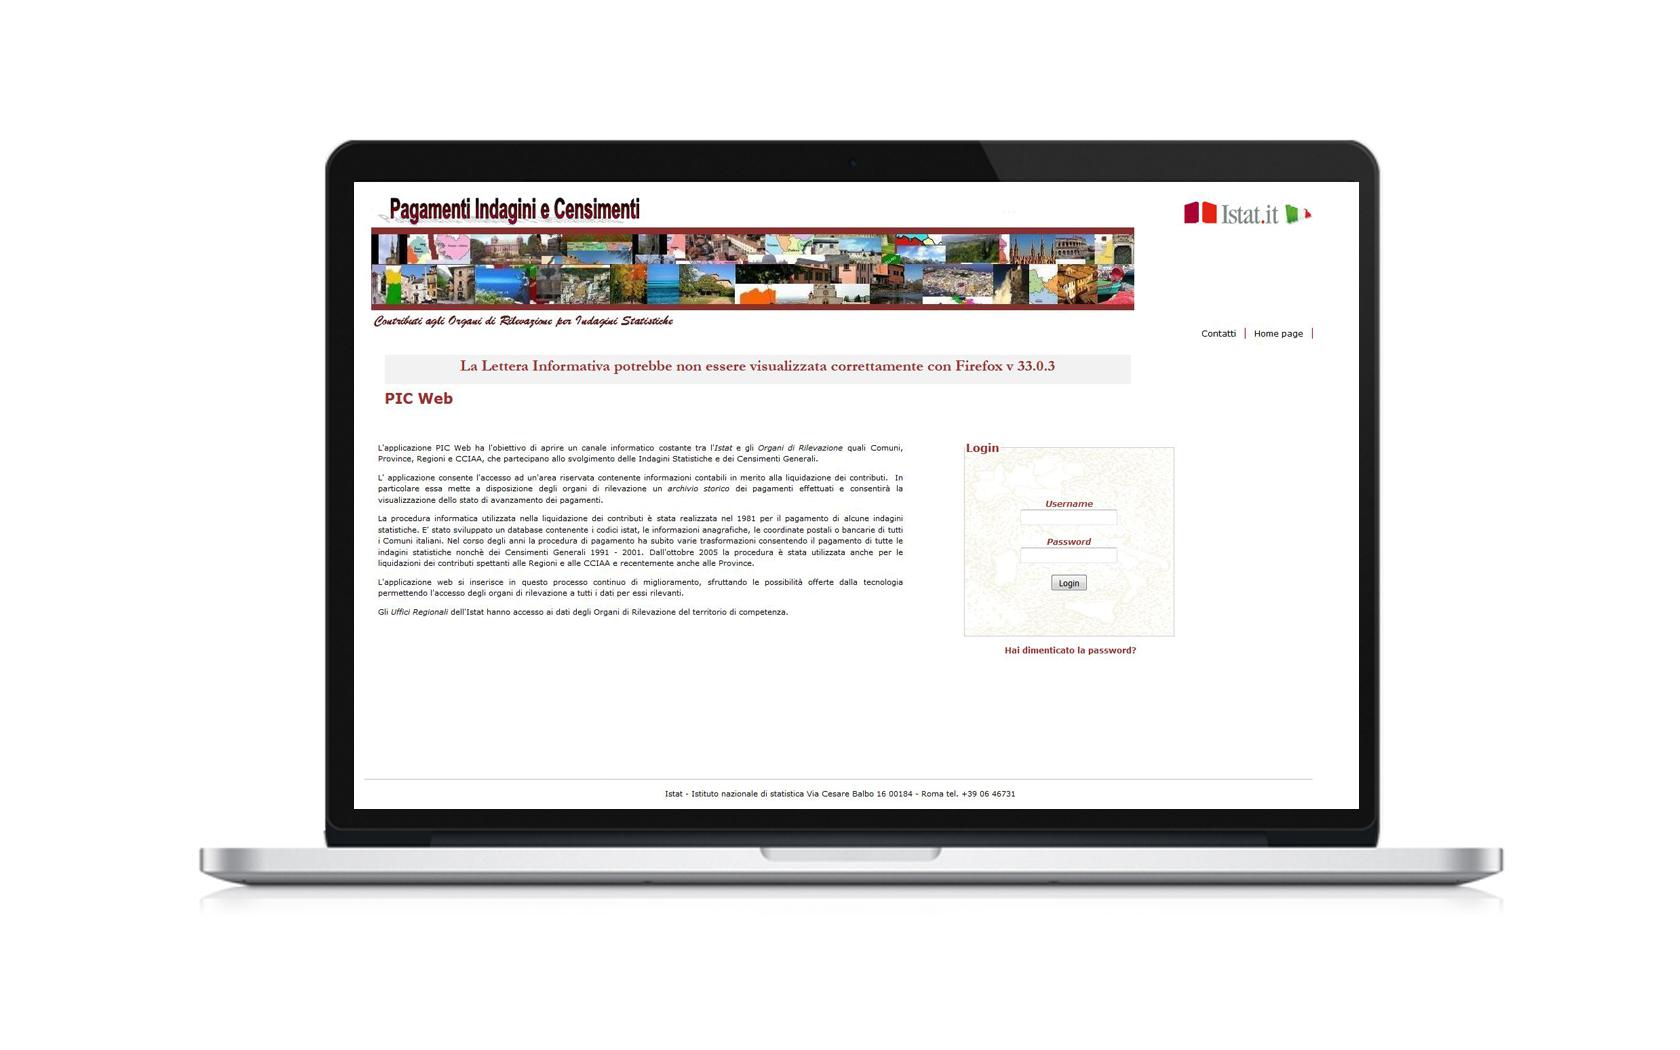 Pagamenti Indagini Censimenti homepage